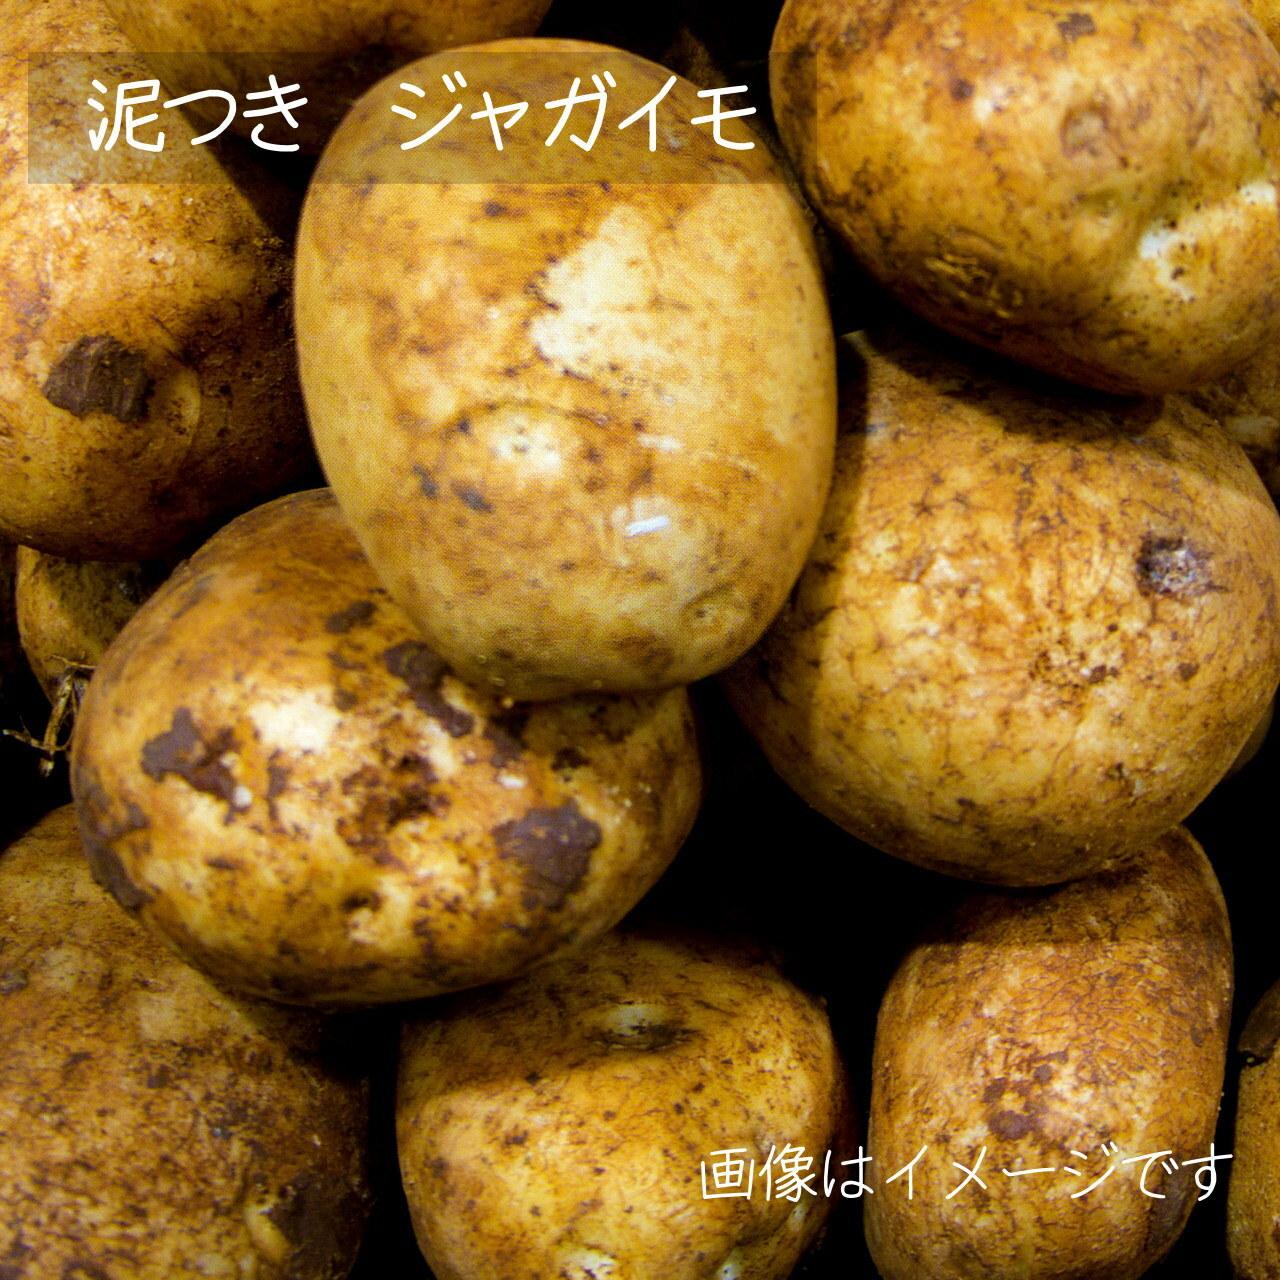 7月の新鮮野菜 : ジャガイモ 約600g 朝採り直売野菜  7月17日発送予定